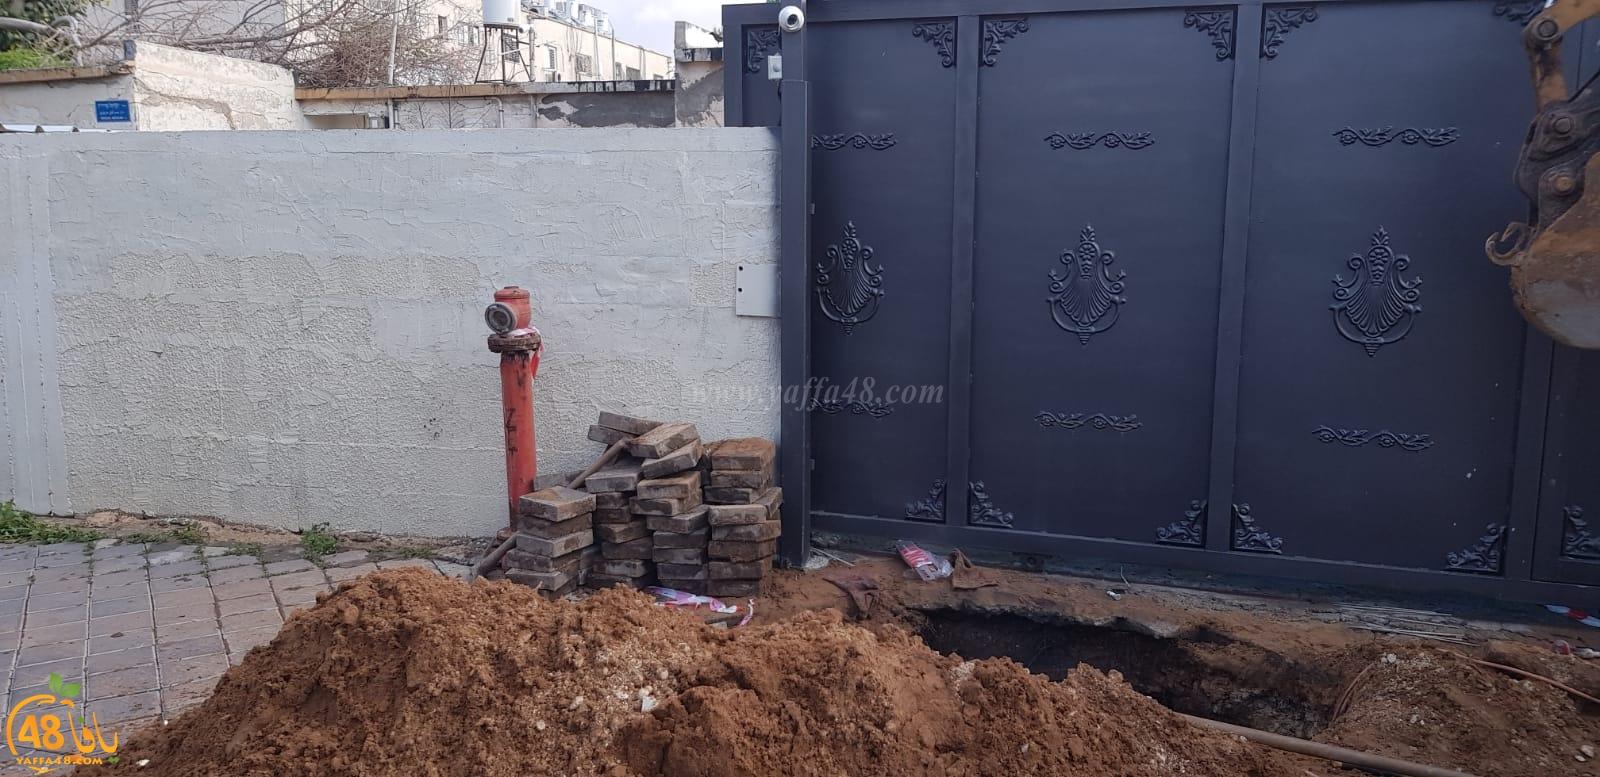 يافا: انقطاع المياه عن عدد من بيوت المواطنين اثر انفجار أنبوب رئيسي